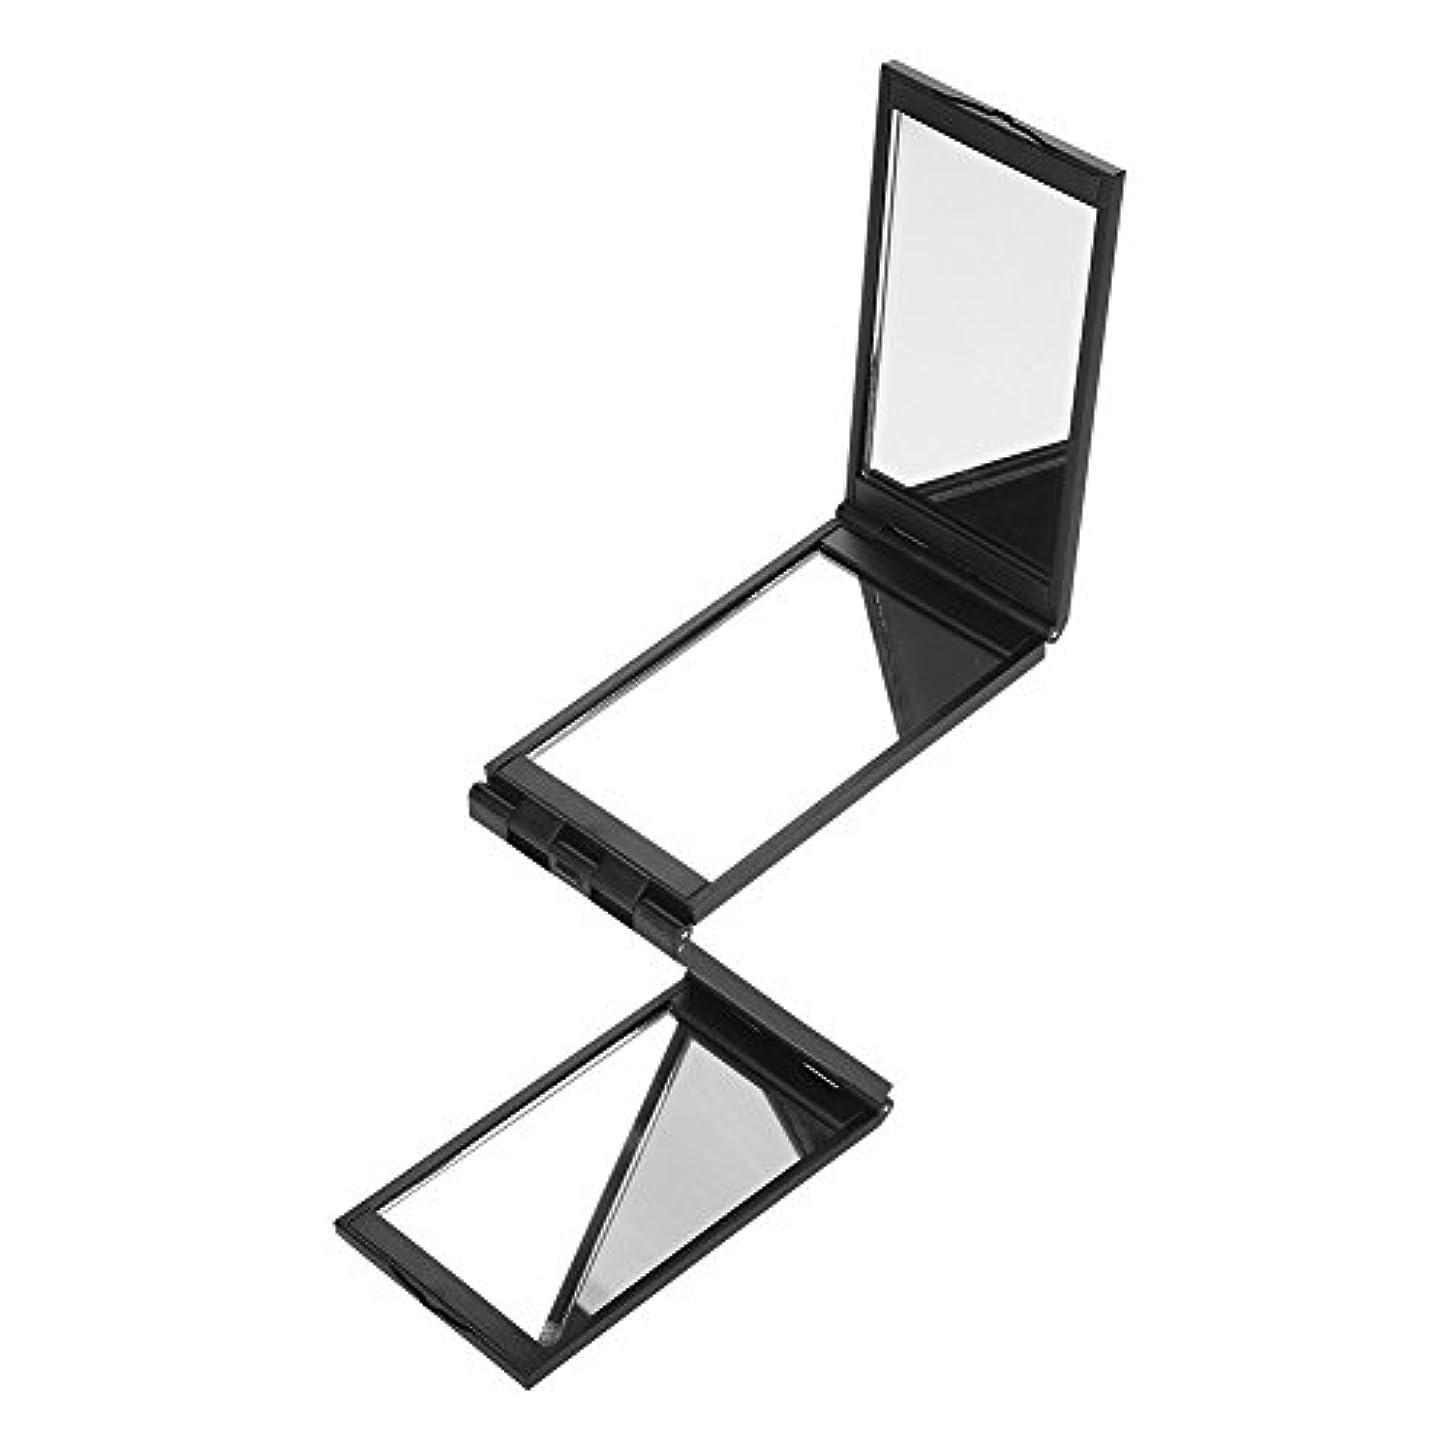 報復一口群れ化粧鏡 360°デッドアングル 折りたたみ式 ヘアカラー ミラー ミニ折りたたみポータブル 化粧道具 後頭簡単に見れる